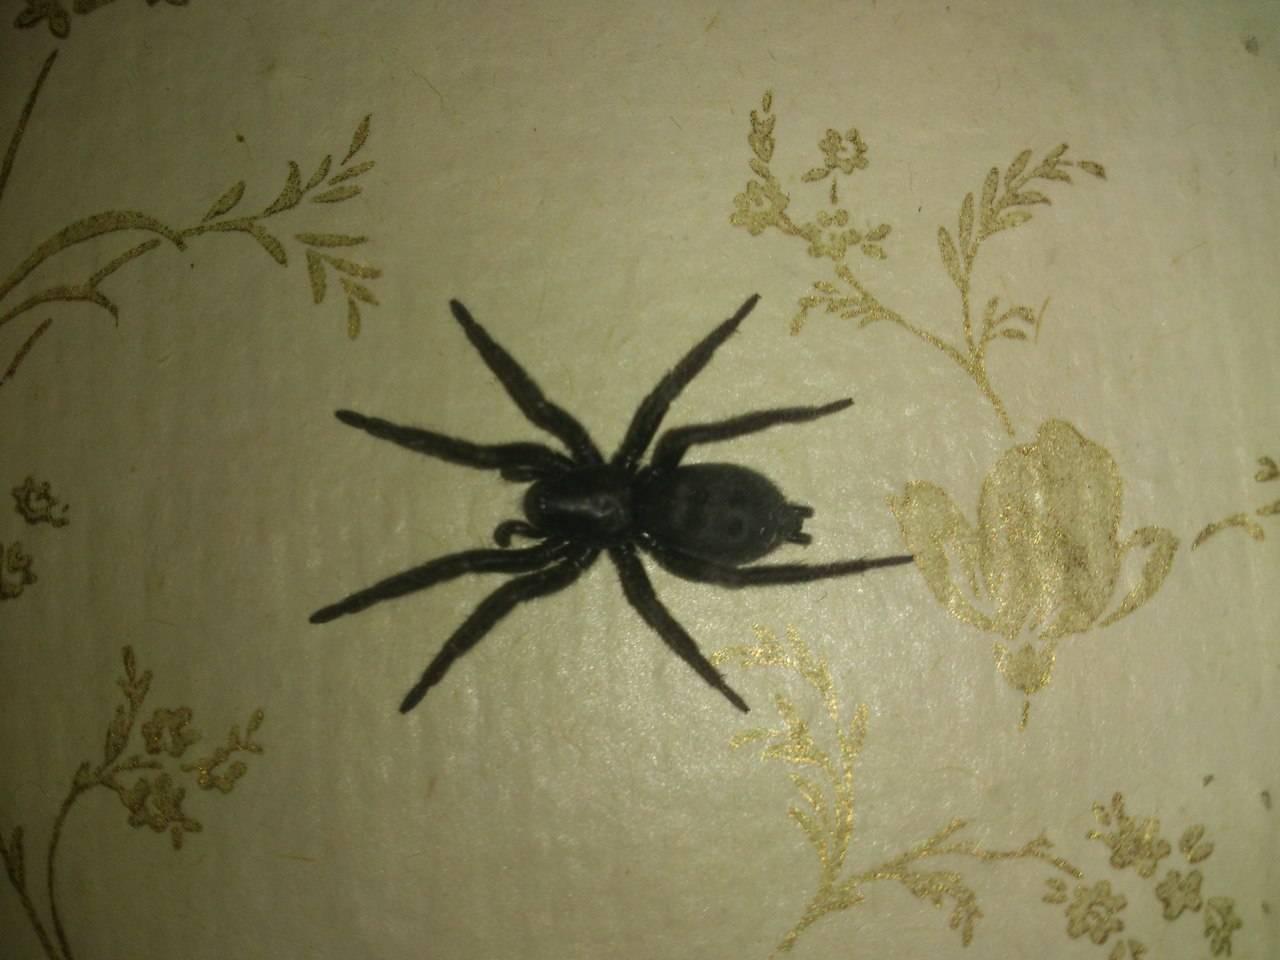 Как избавиться от пауков: в частном доме и квартире, народными и химическими средствами